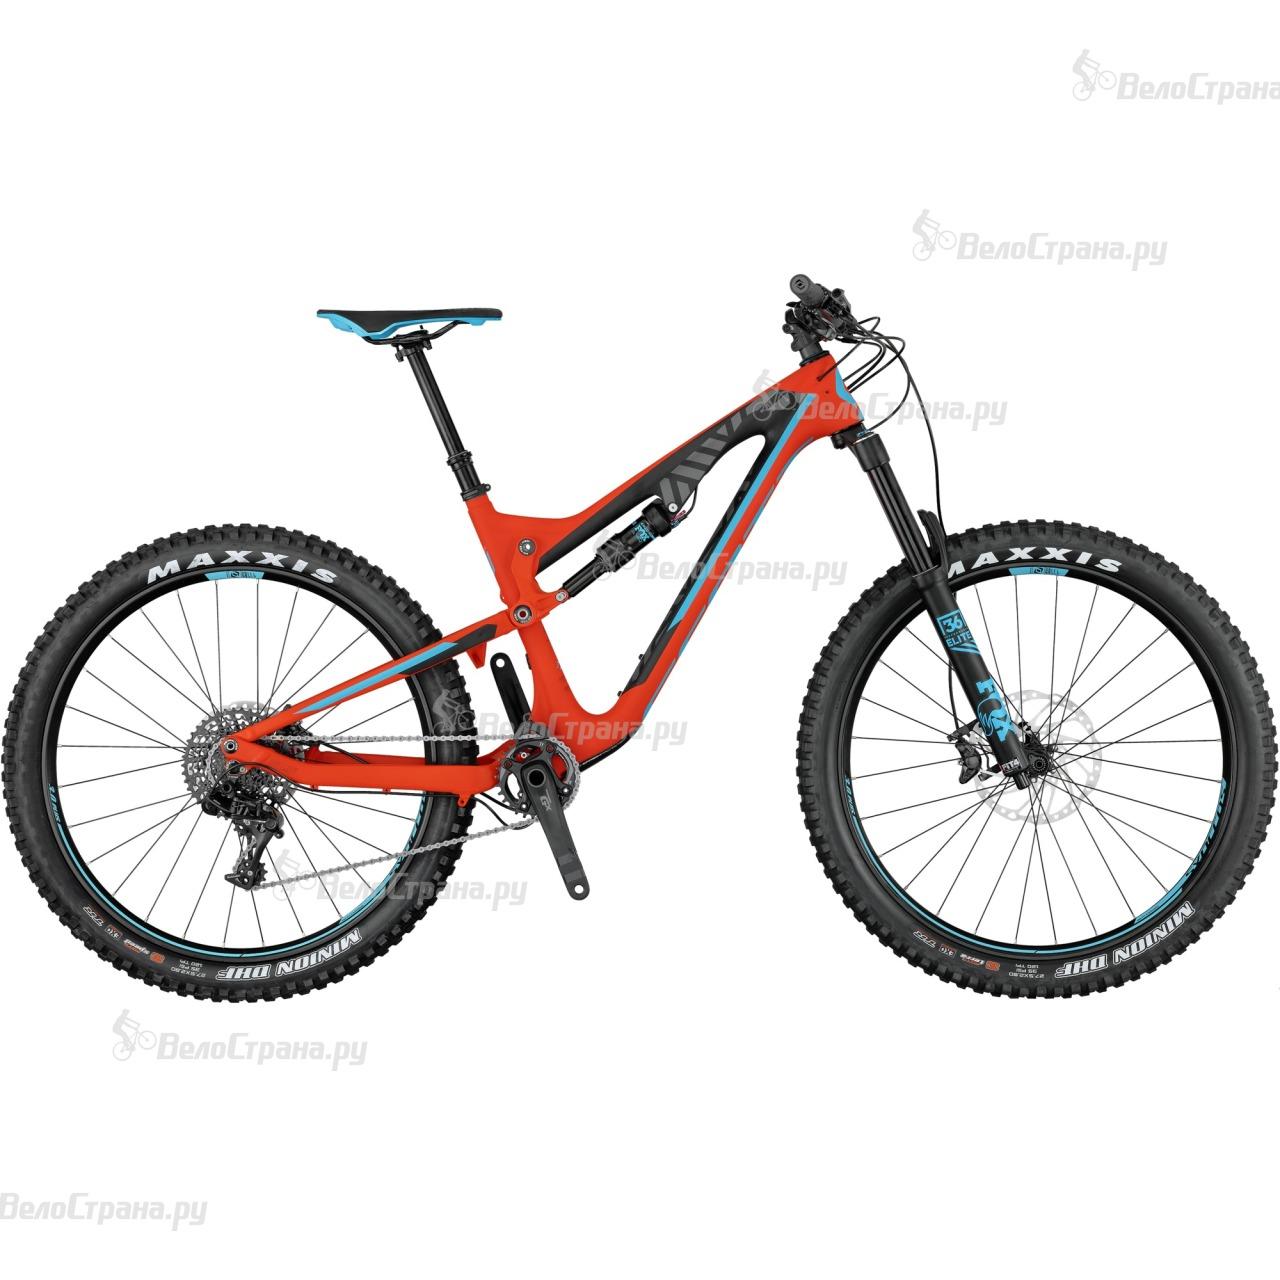 купить Велосипед Scott Genius LT 710 Plus (2017) недорого